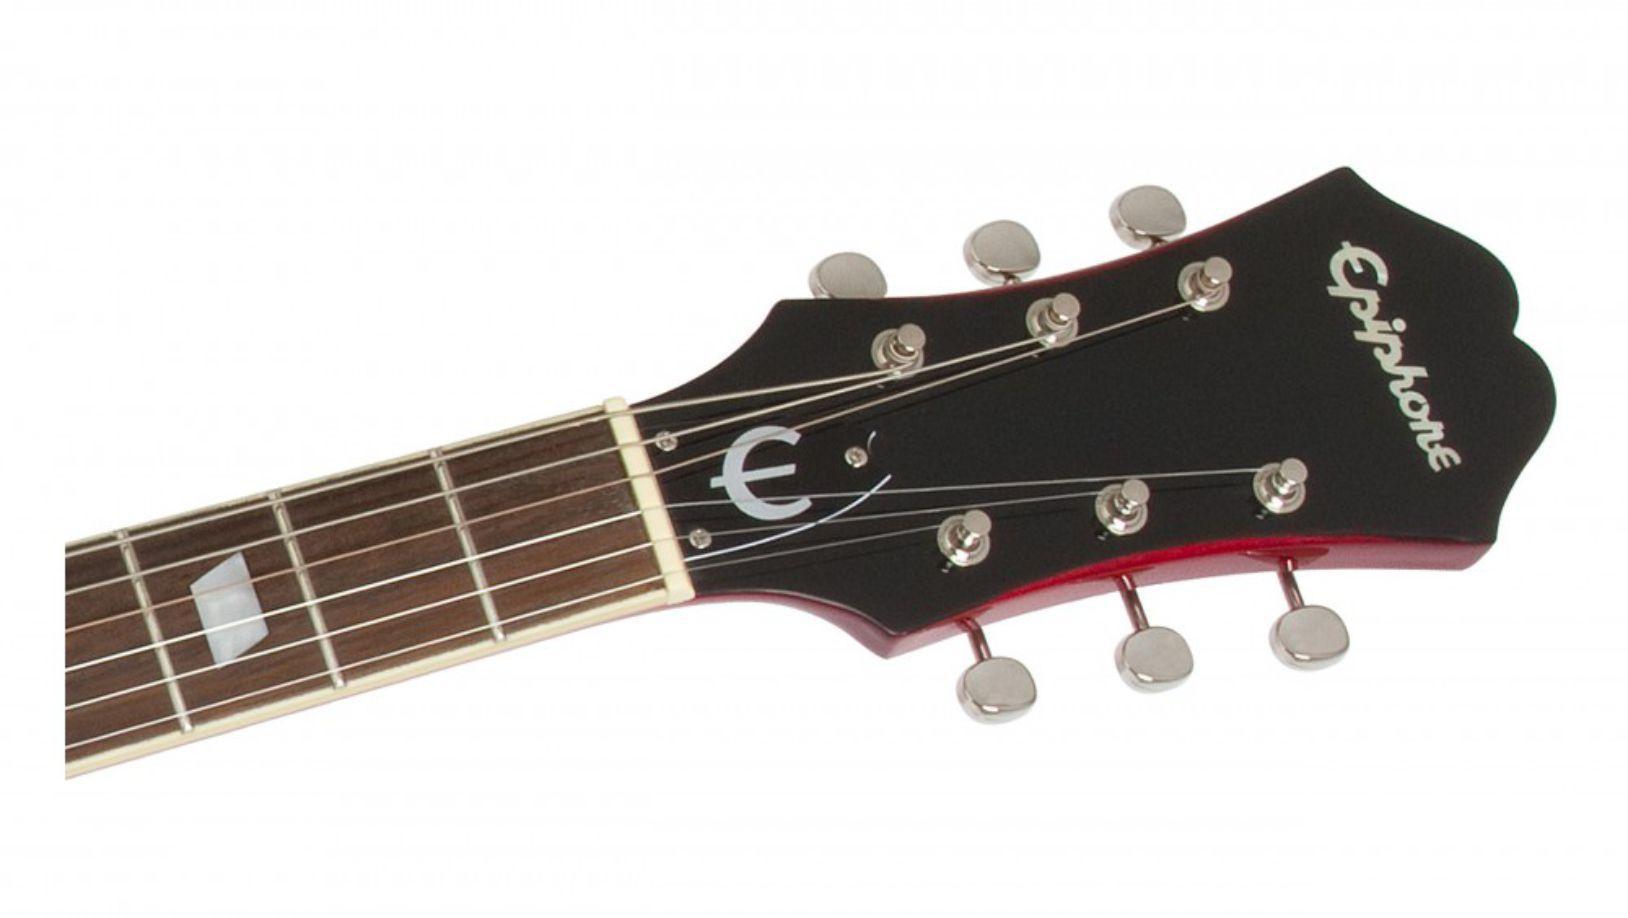 Guitarra Epiphone Casino Cherry Semi Acustica